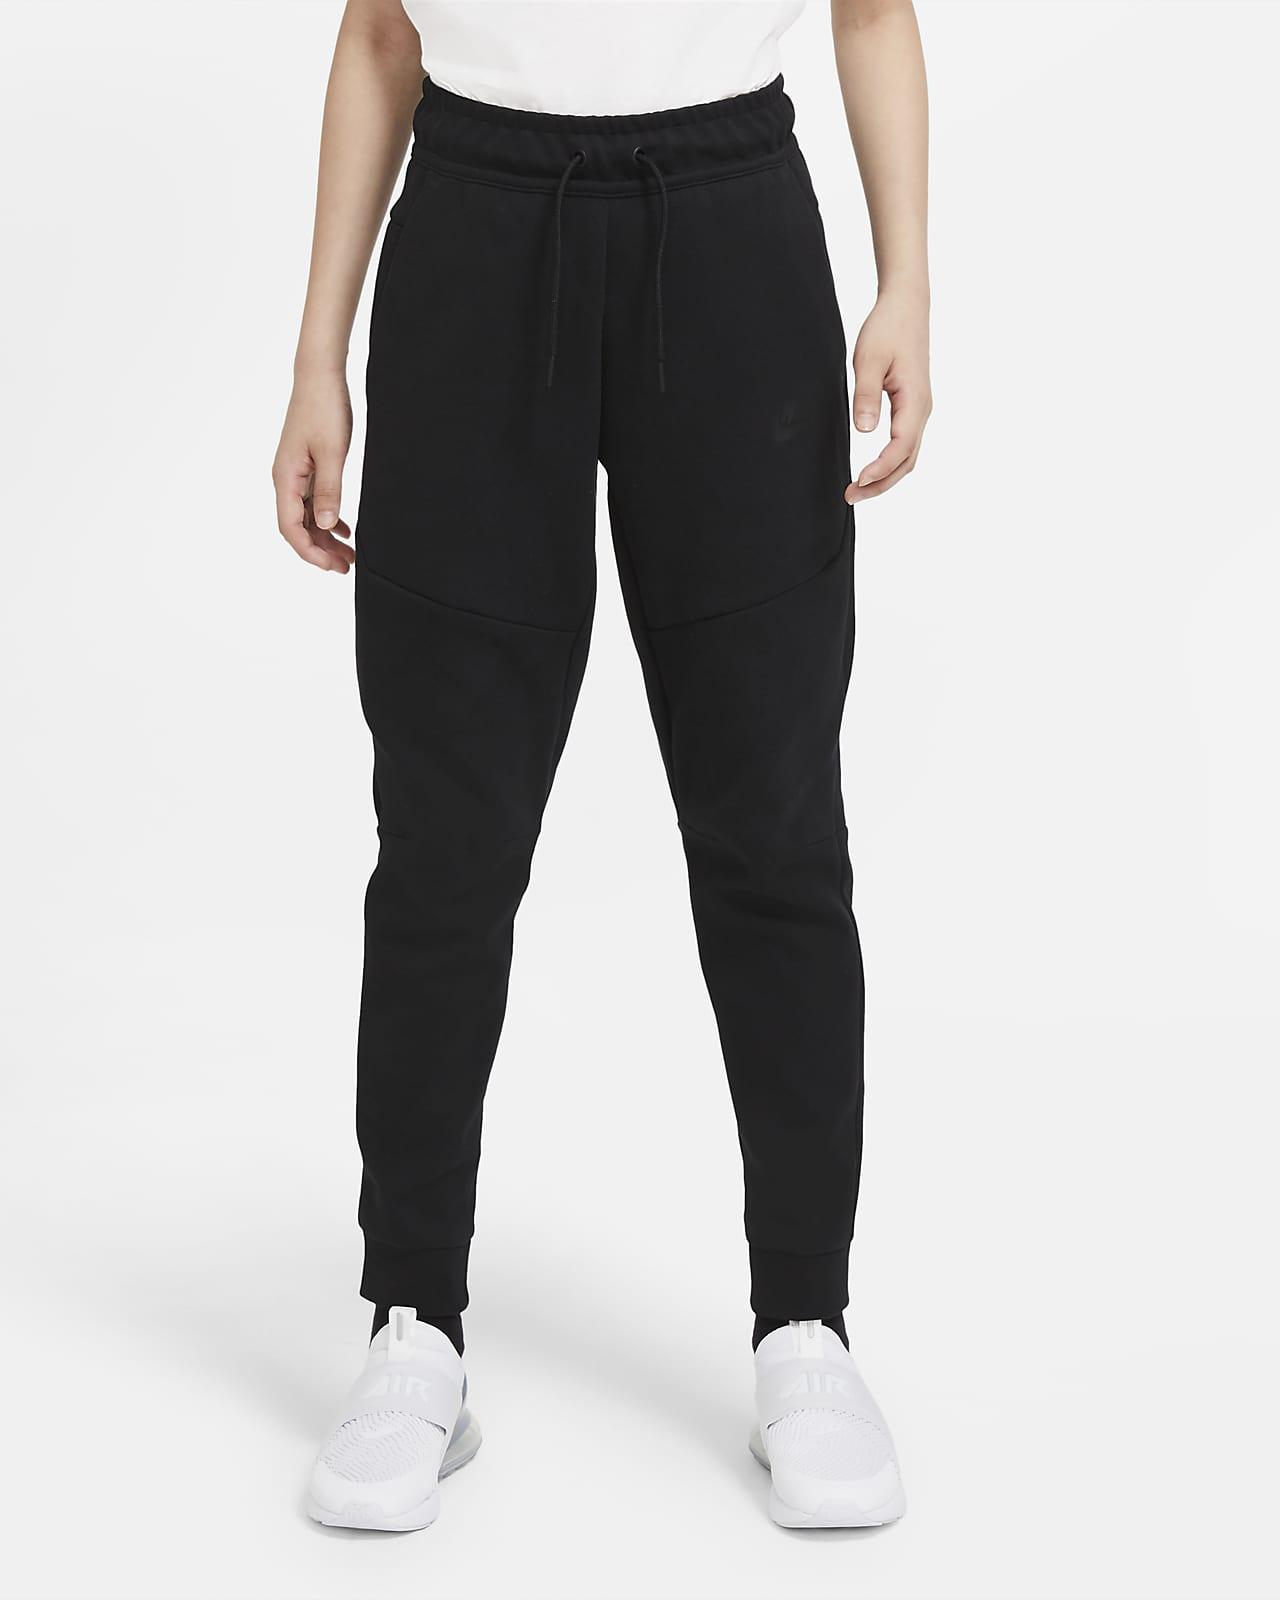 Nike Sportswear Tech Fleece Older Kids (Boys') Trousers